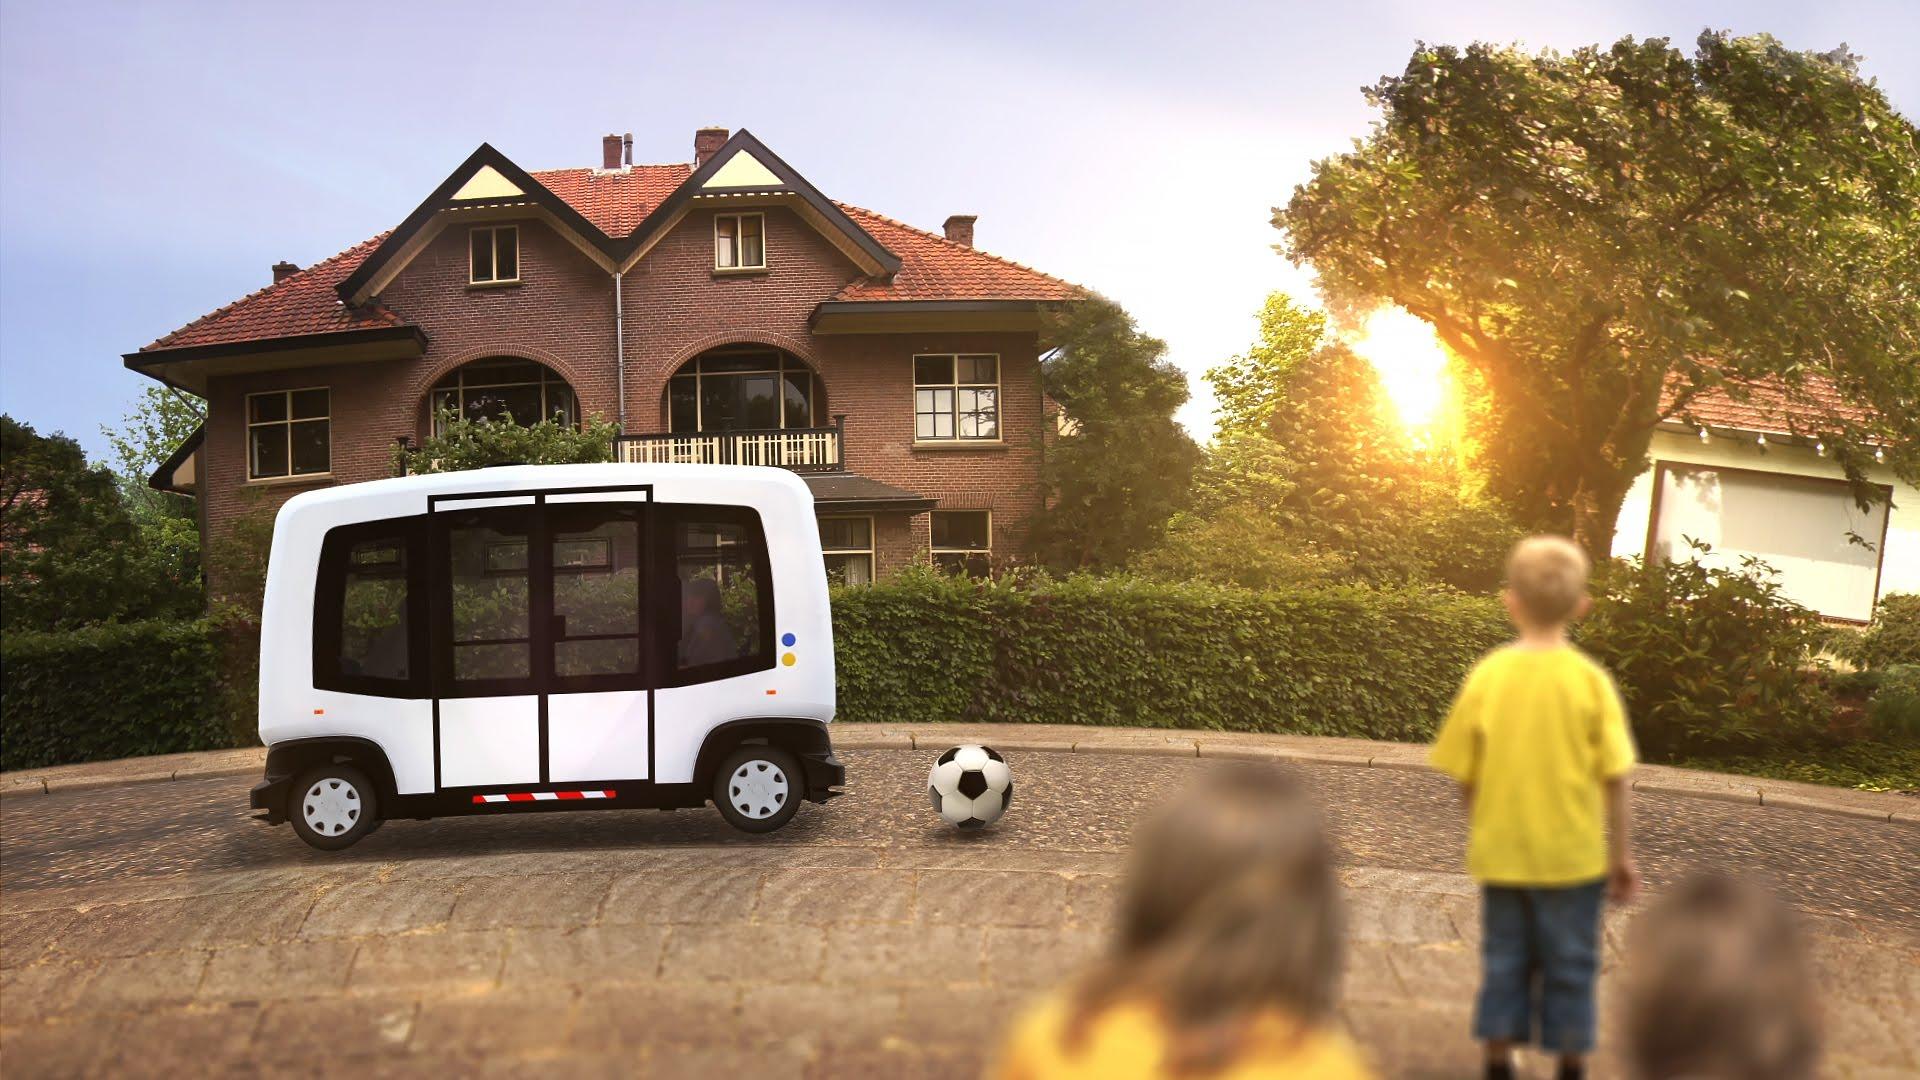 Wepods: The first autonomous vehicle on Dutch public roads. Source: True Form/YouTube